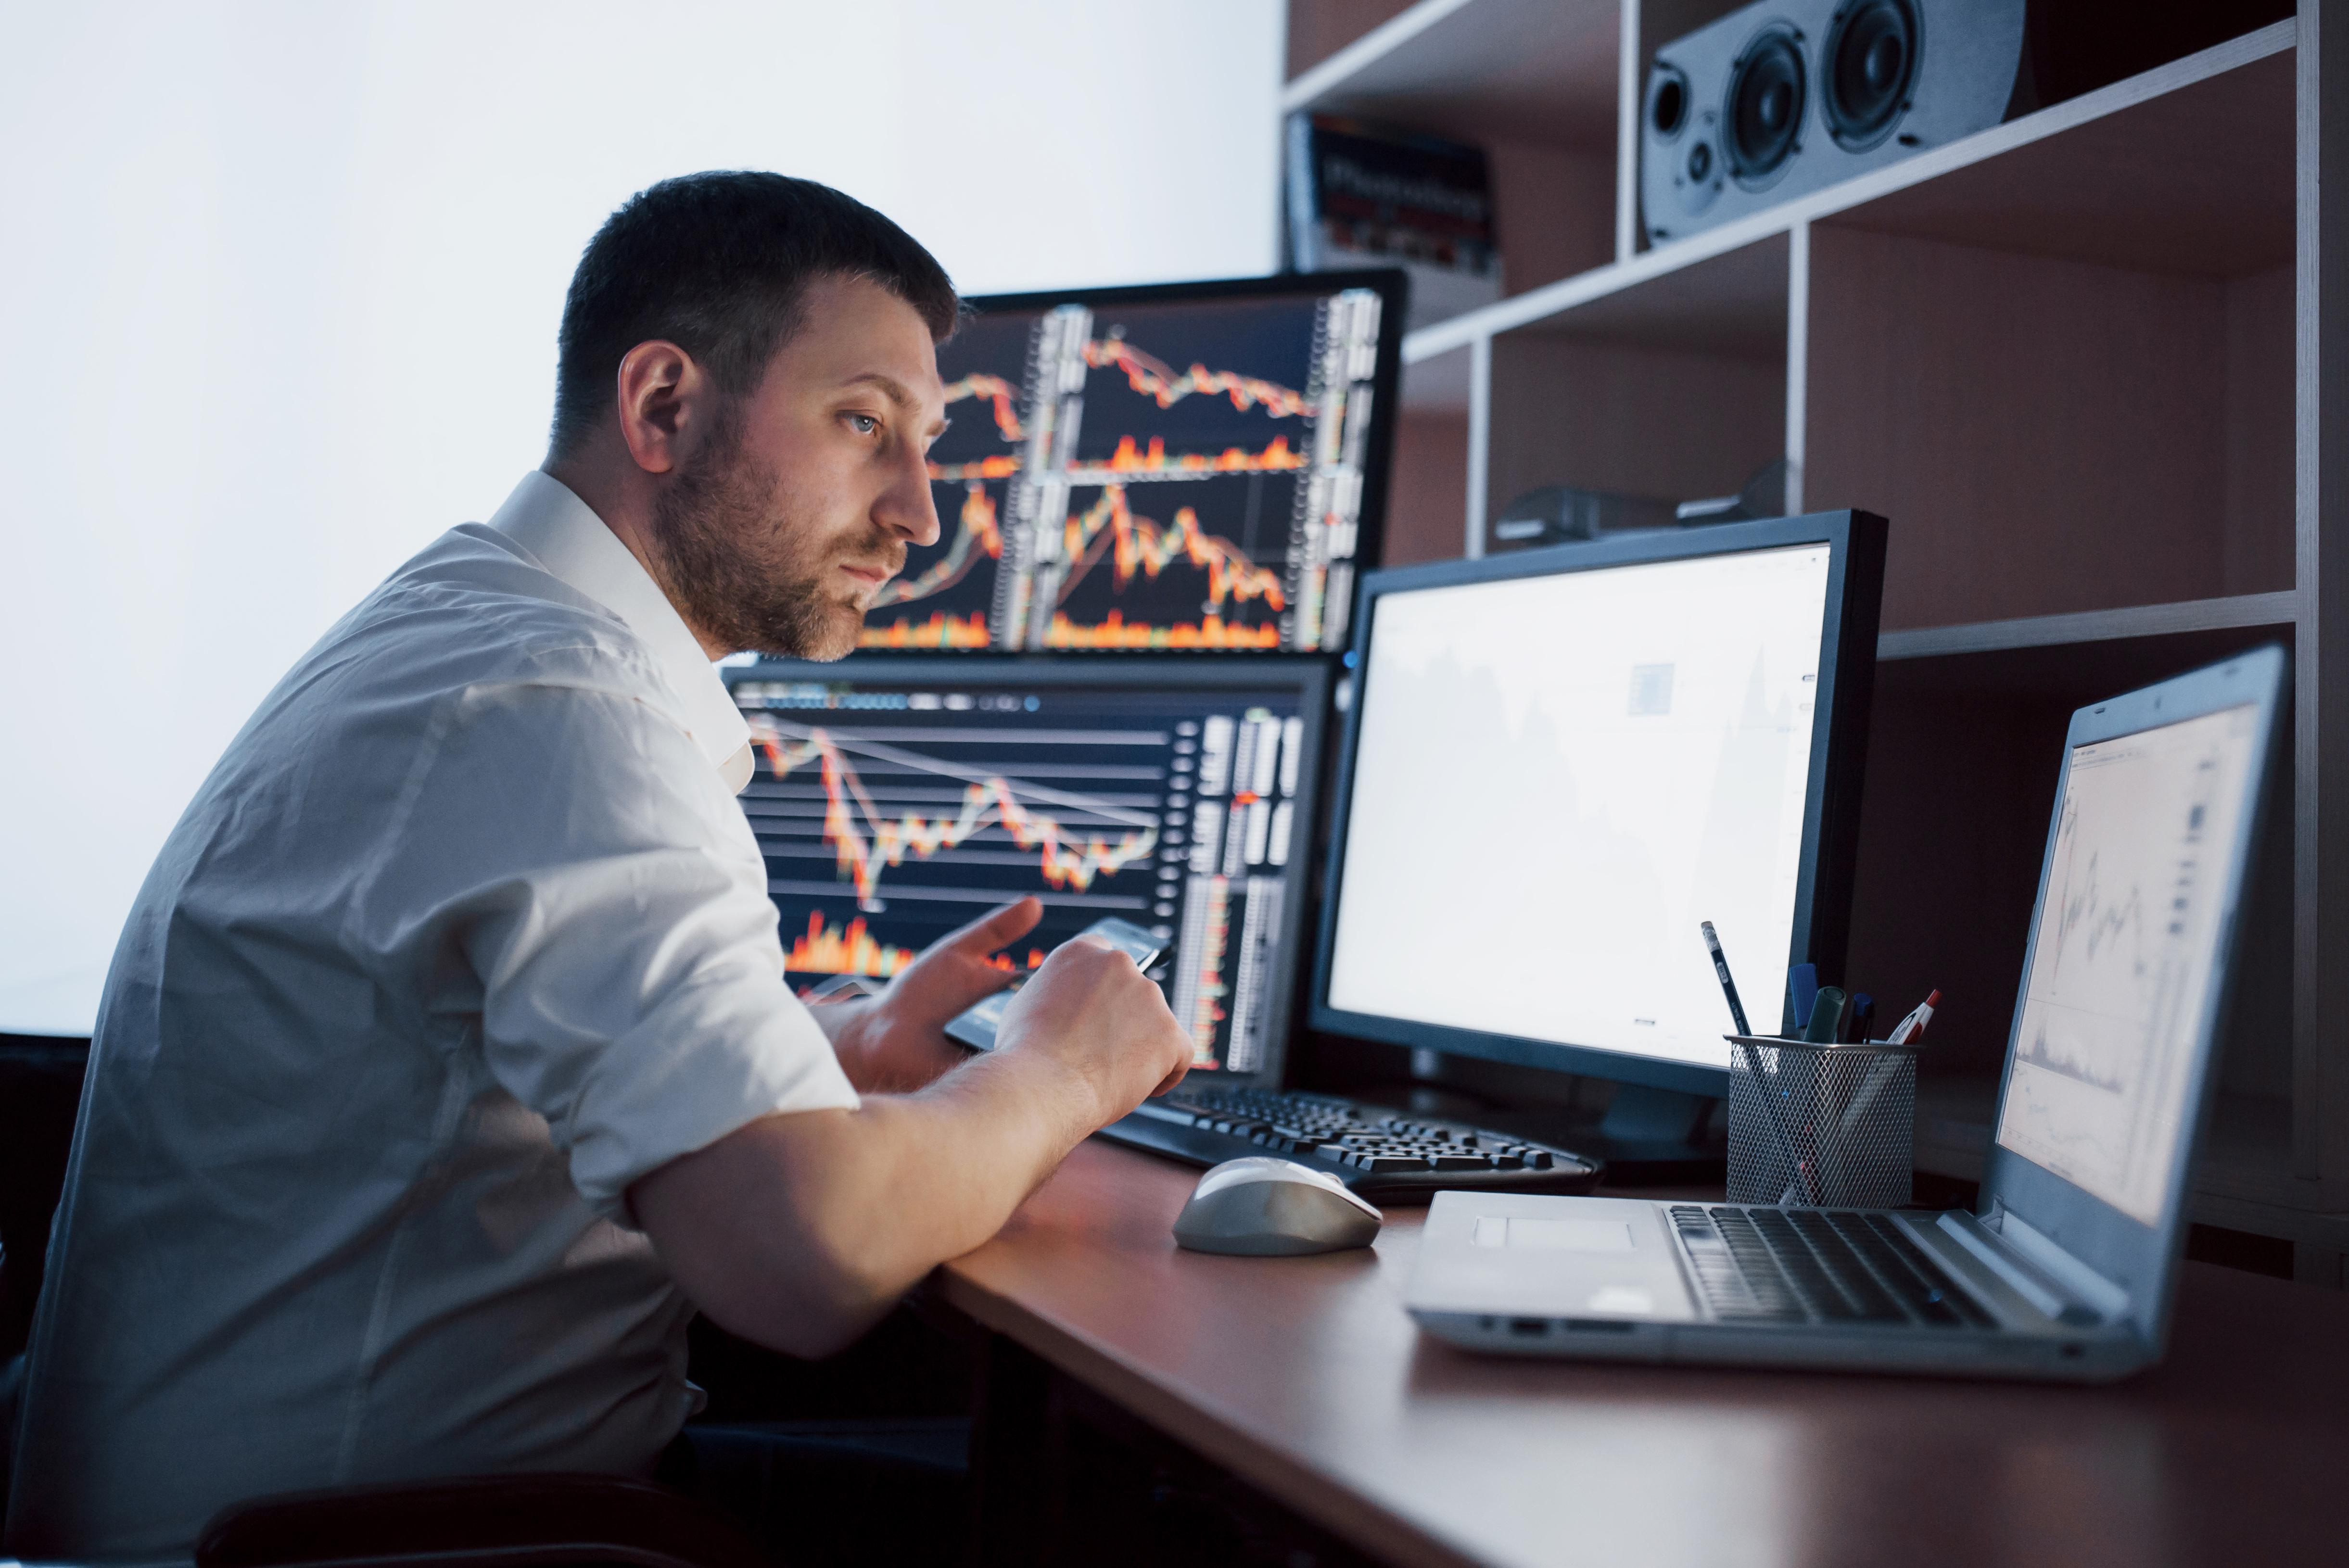 ¿Cómo ha sido el impacto de la revolución tecnológica en el mercado laboral?